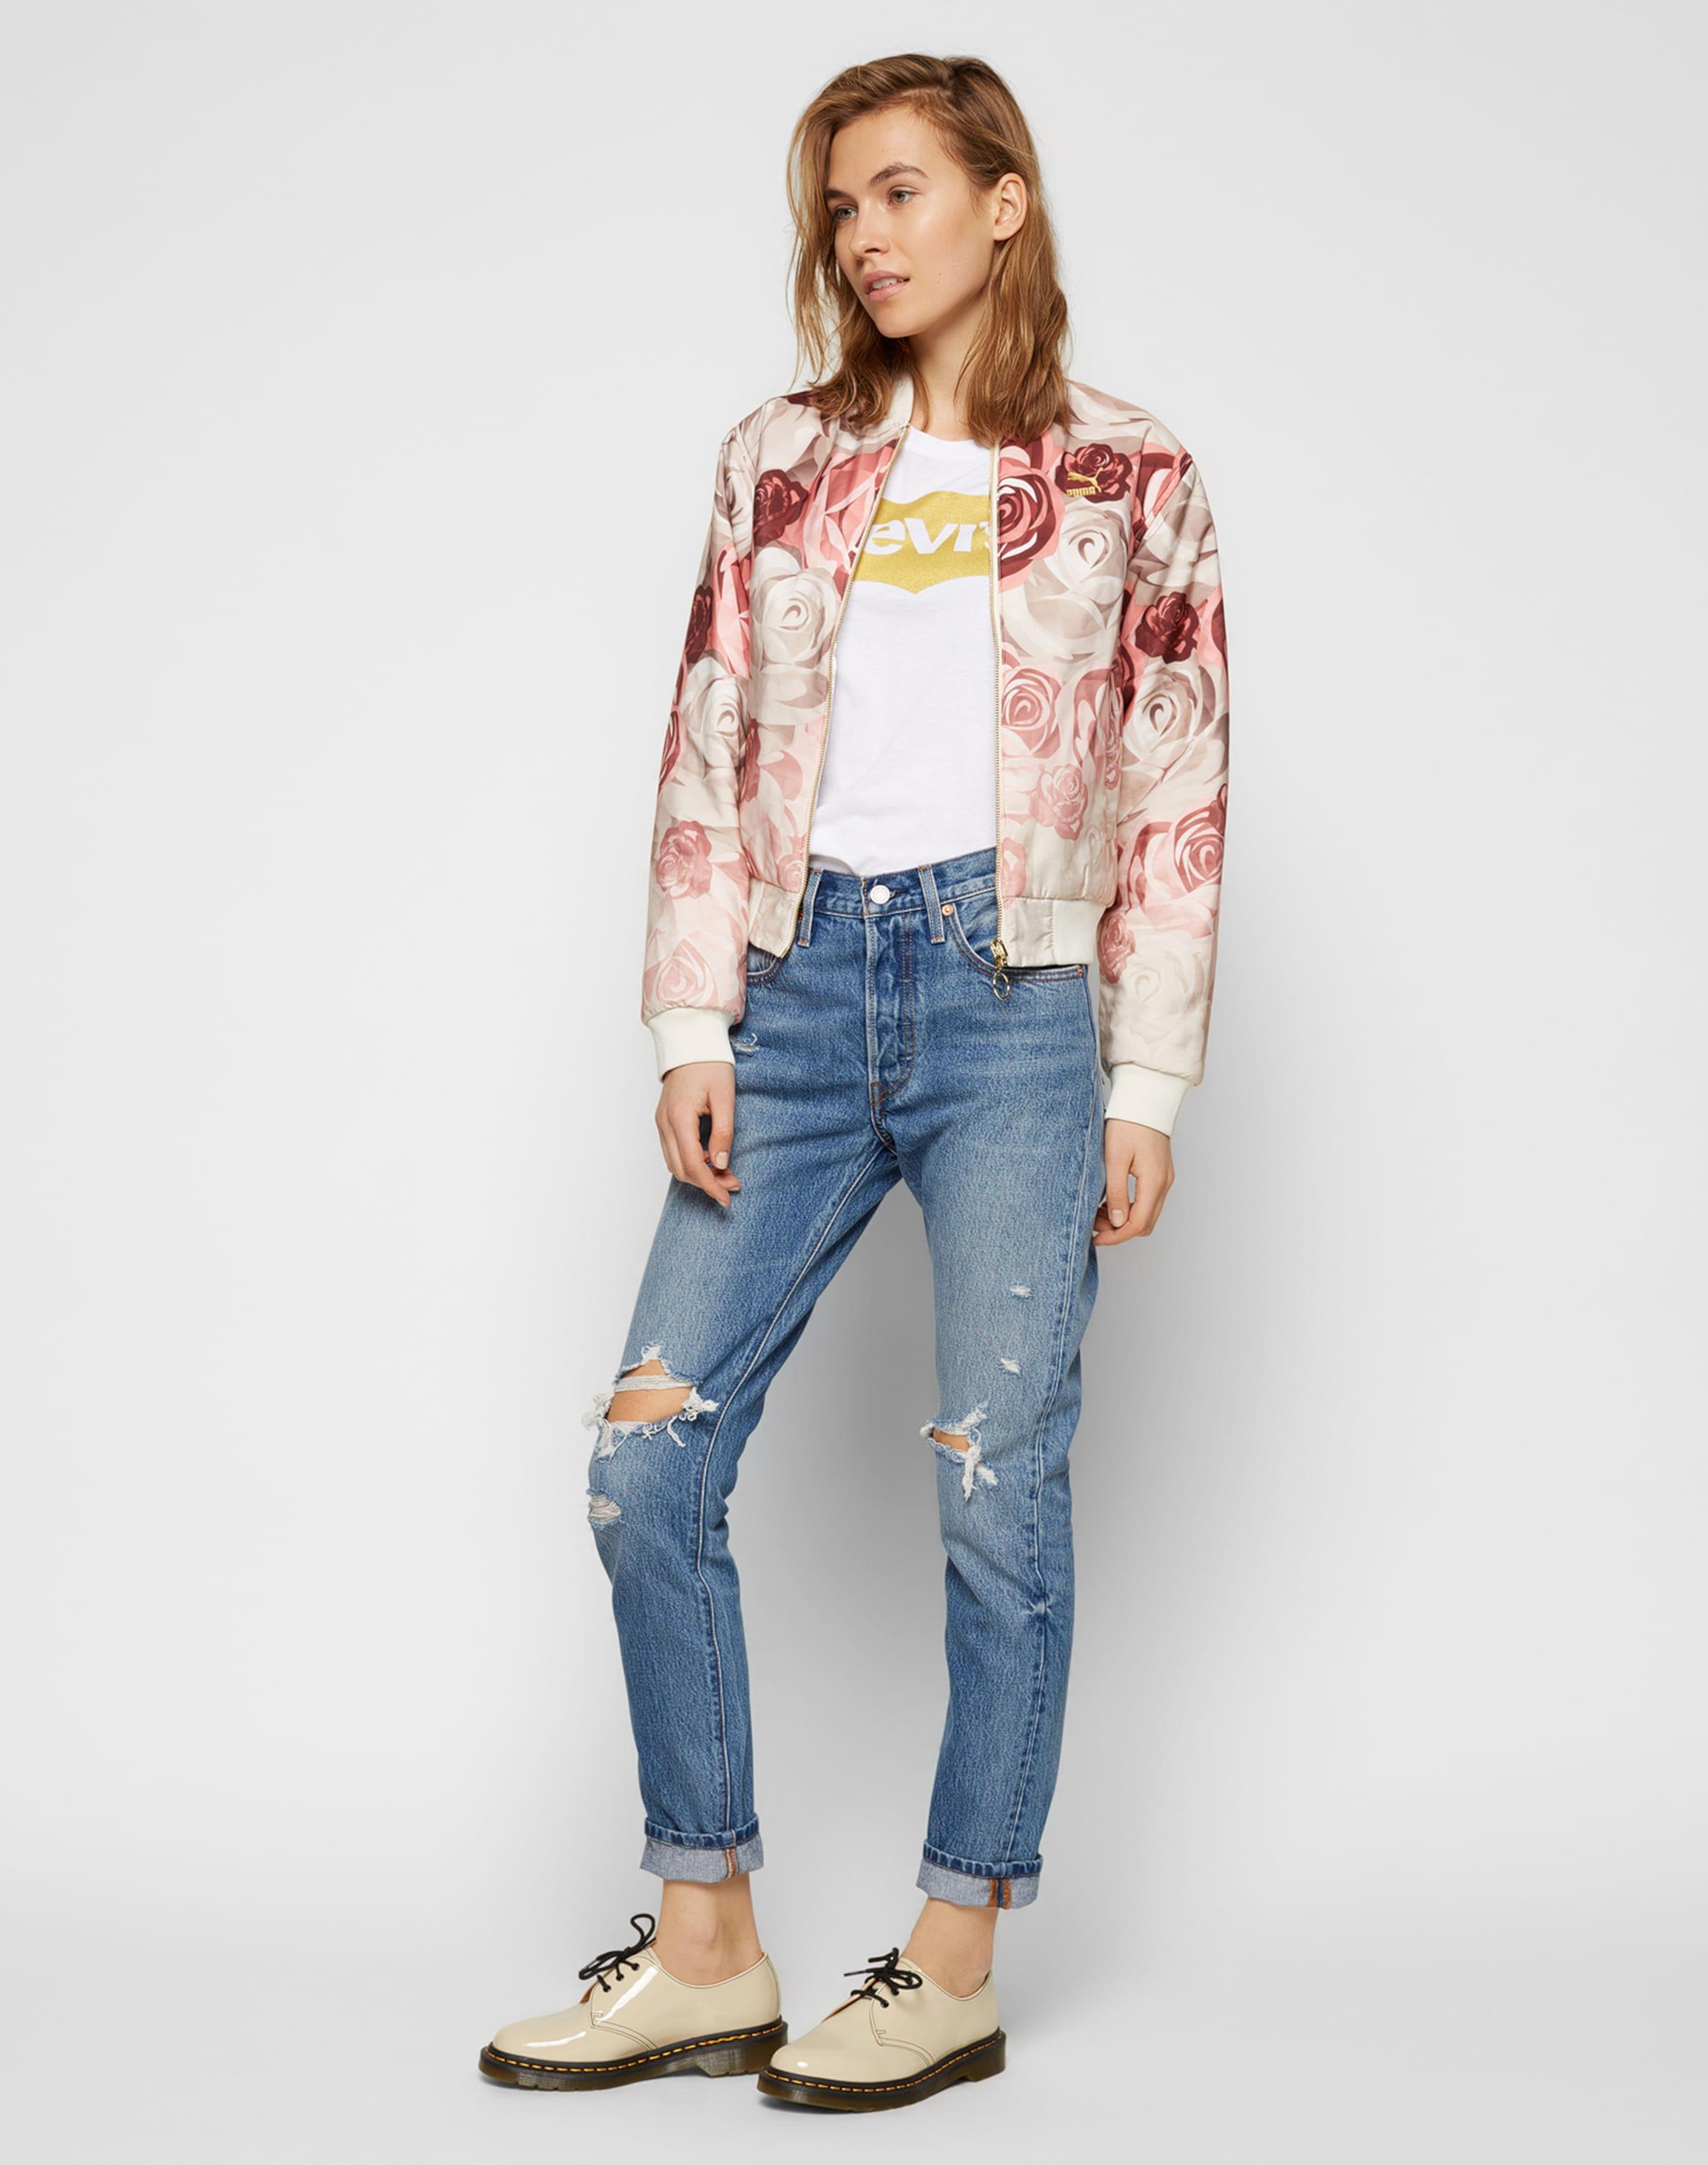 LEVI'S '501' Skinny Jeans Billig Verkauf Vorbestellung Günstig Kaufen Manchester Spielraum Brandneue Unisex Günstig Kaufen Niedrigen Preis Versandkosten Für OBXVIX5